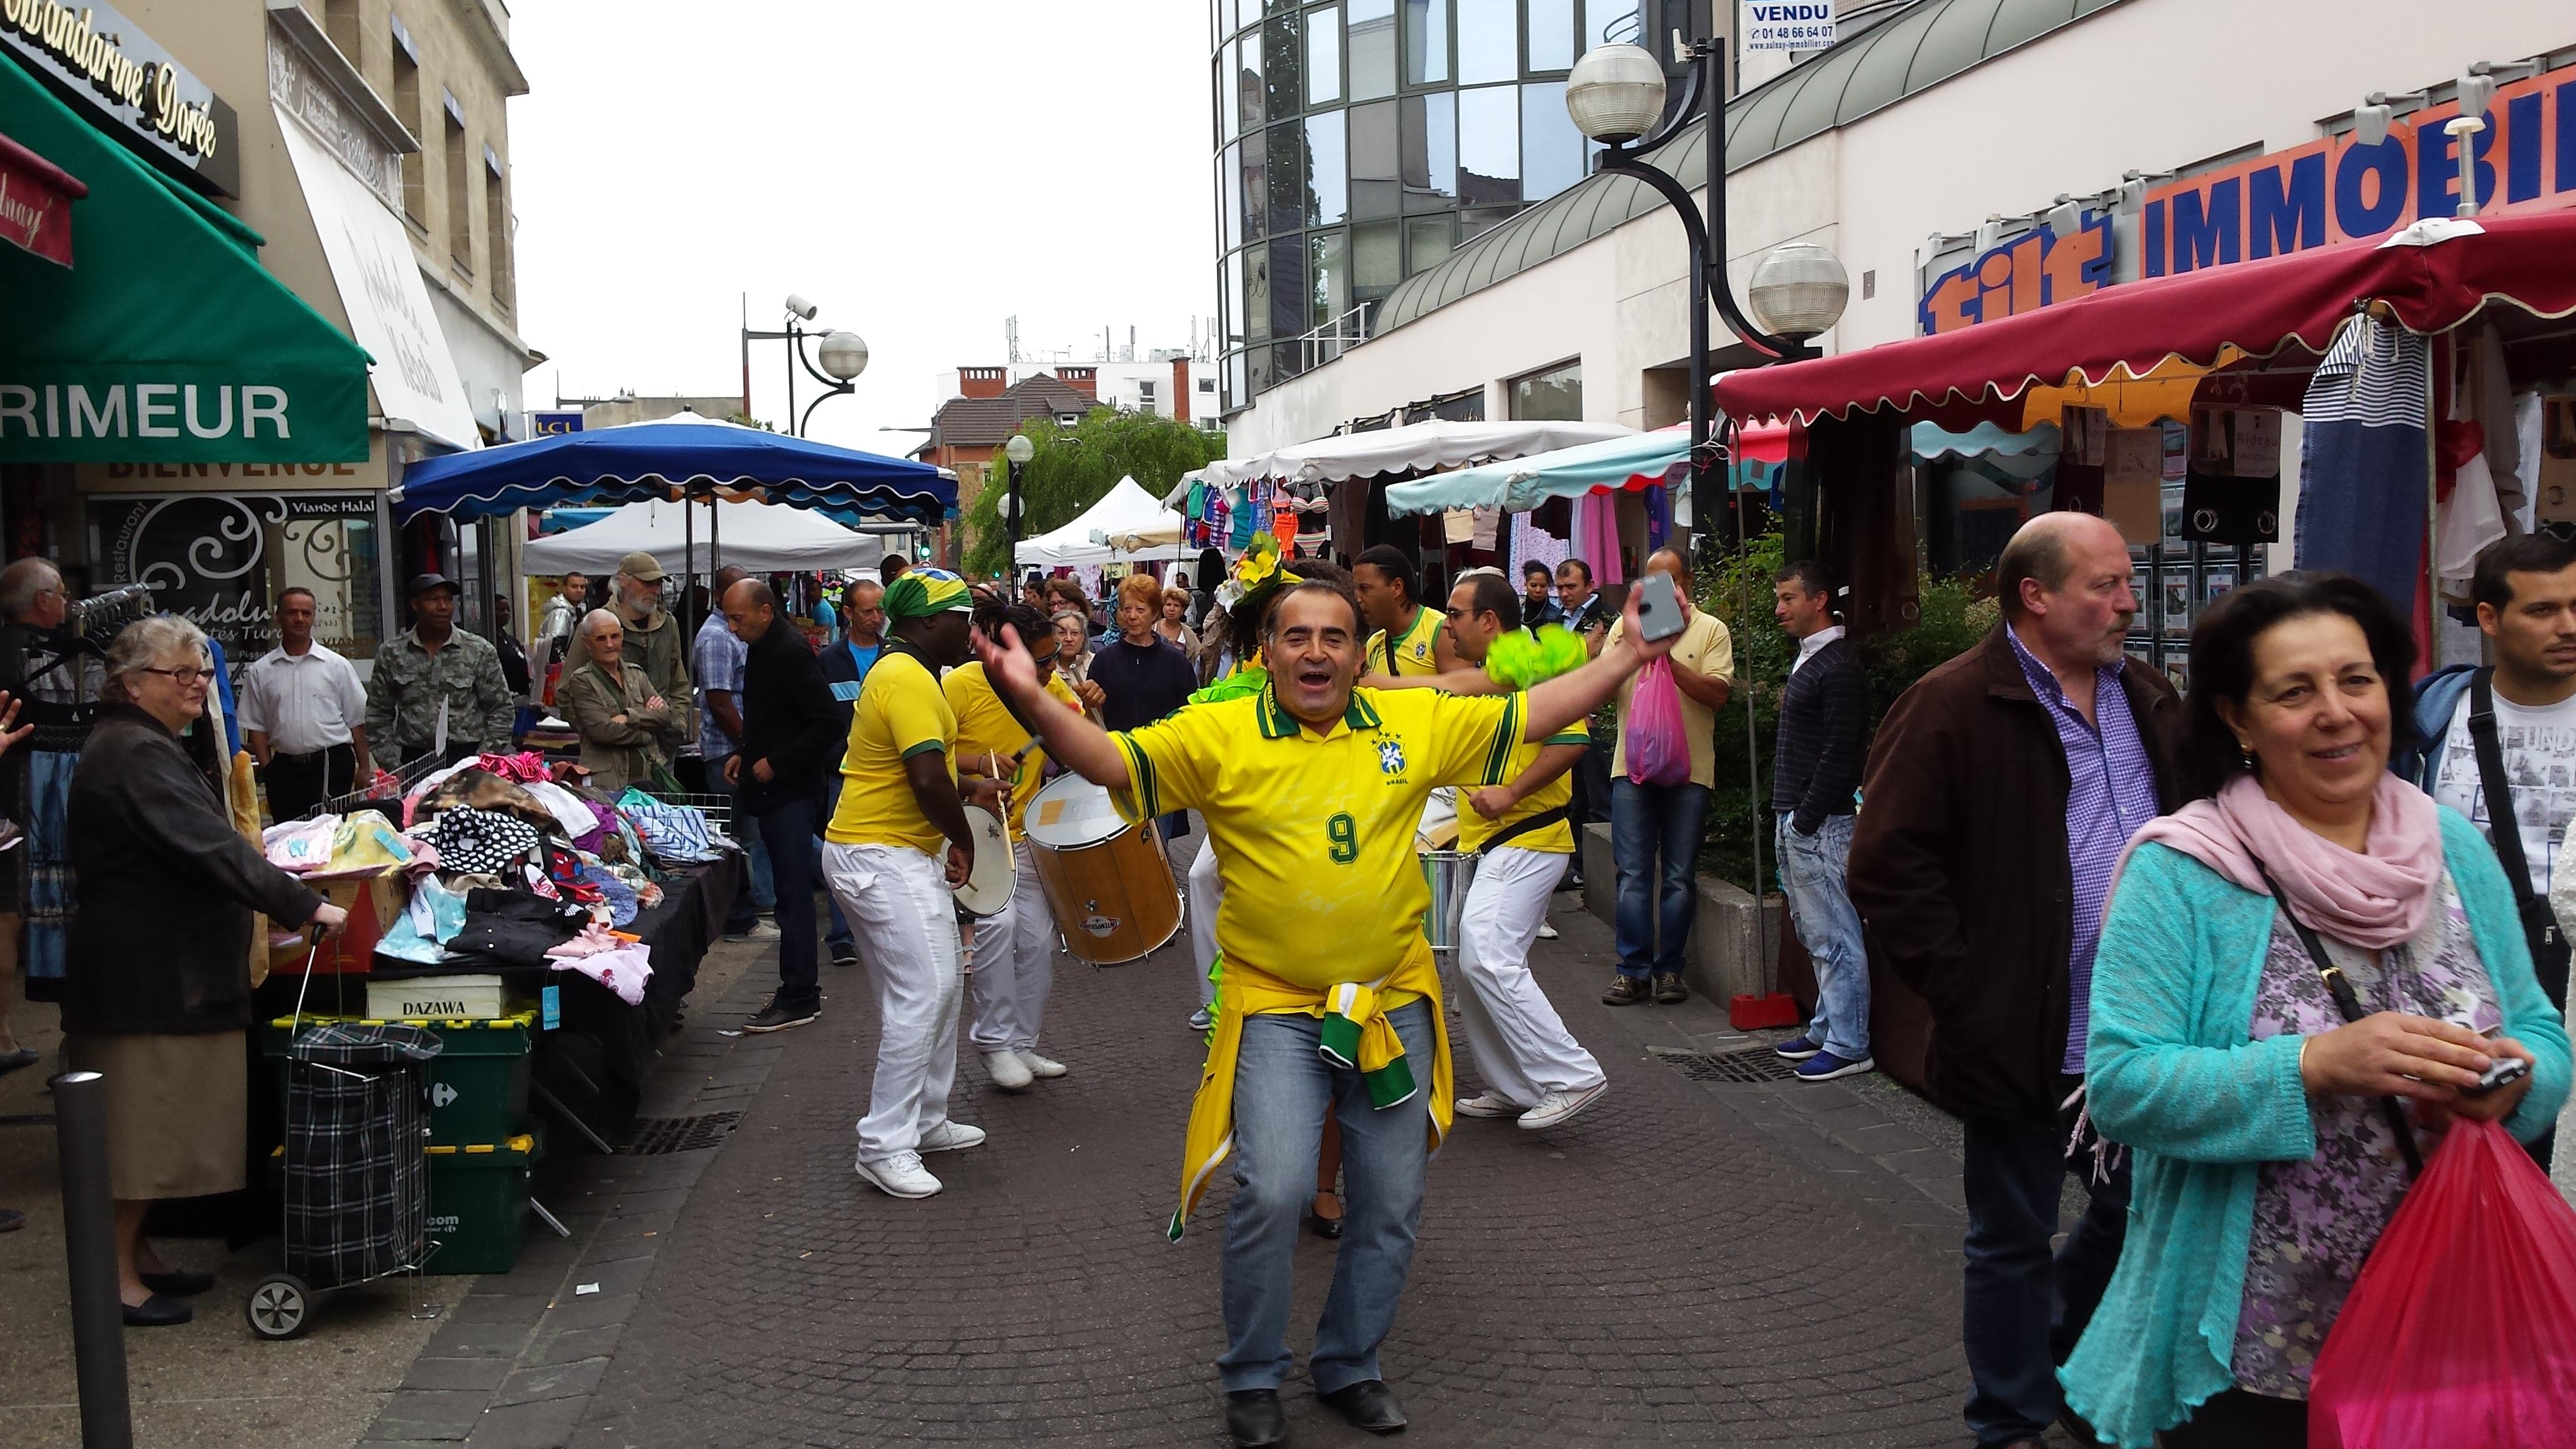 Déambulation brésilienne au milieu du marché de la gare. | (C) 93600INFOS / Alexandre Conan